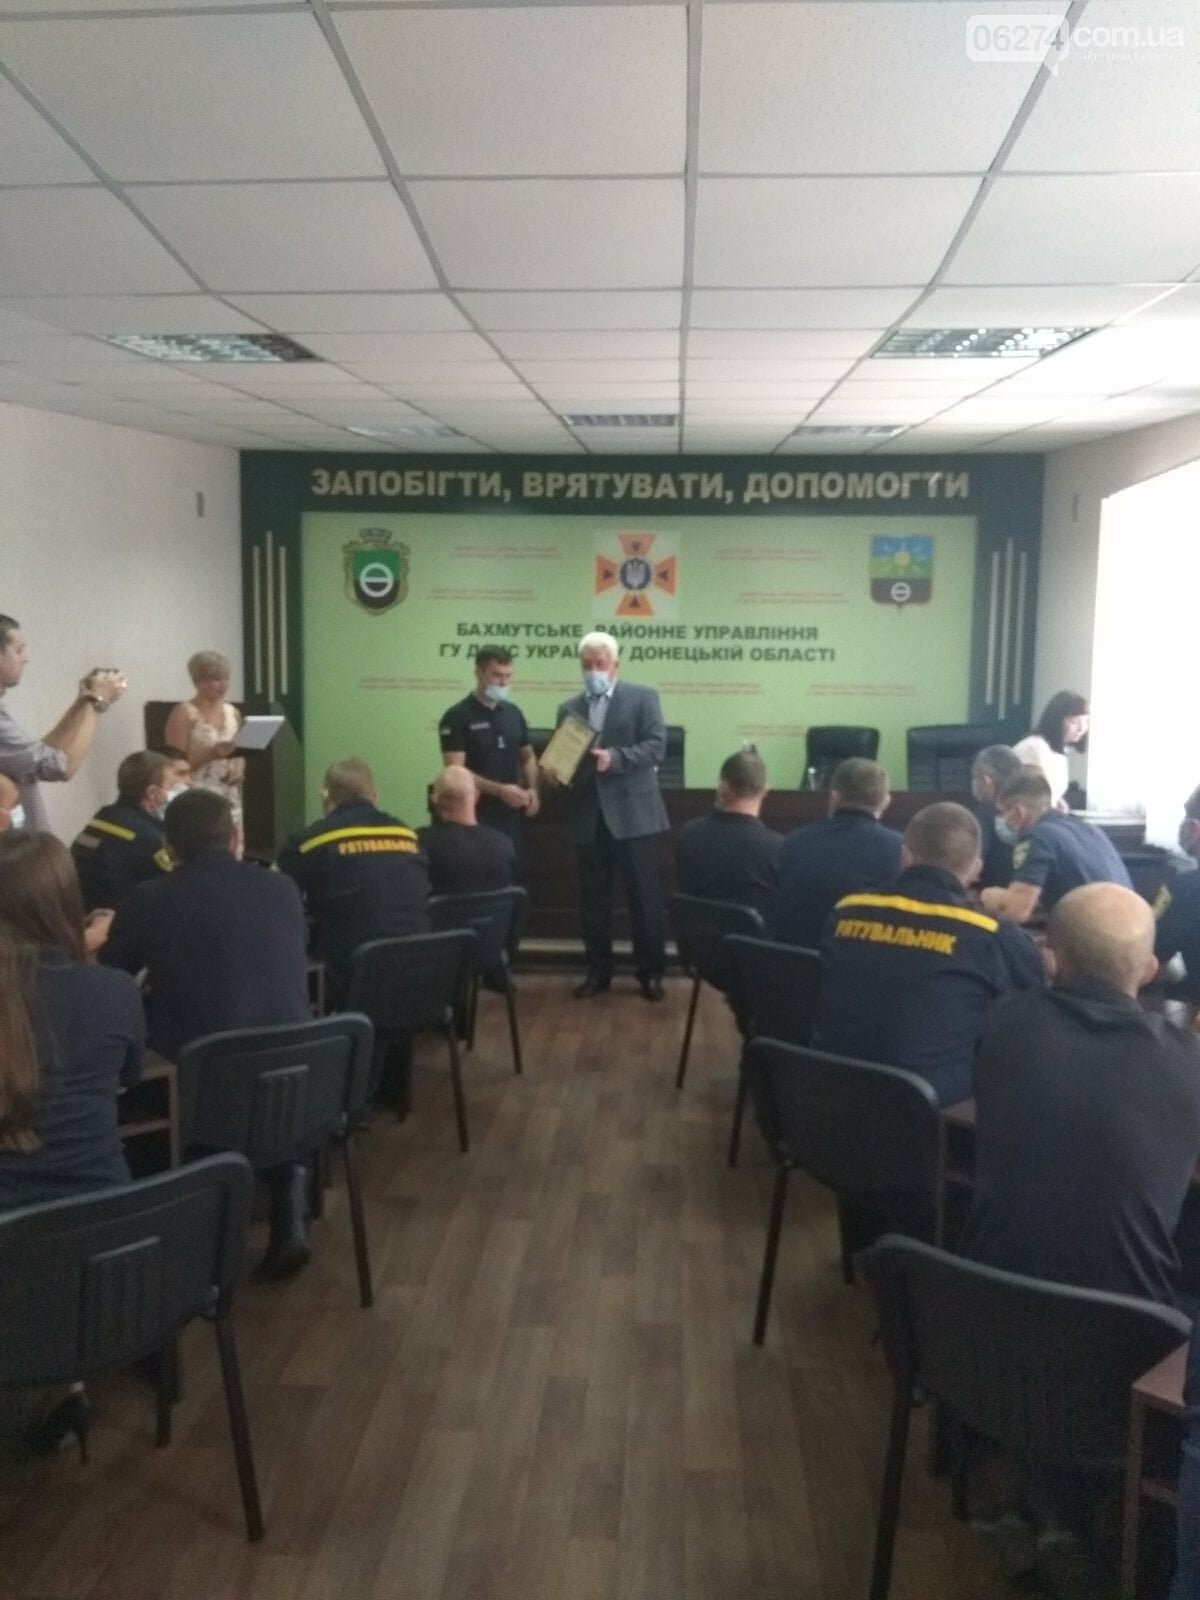 Городской голова поздравил с профессиональным праздником спасателей 8-го ГПСО ГУ ГСЧС Украины, фото-3